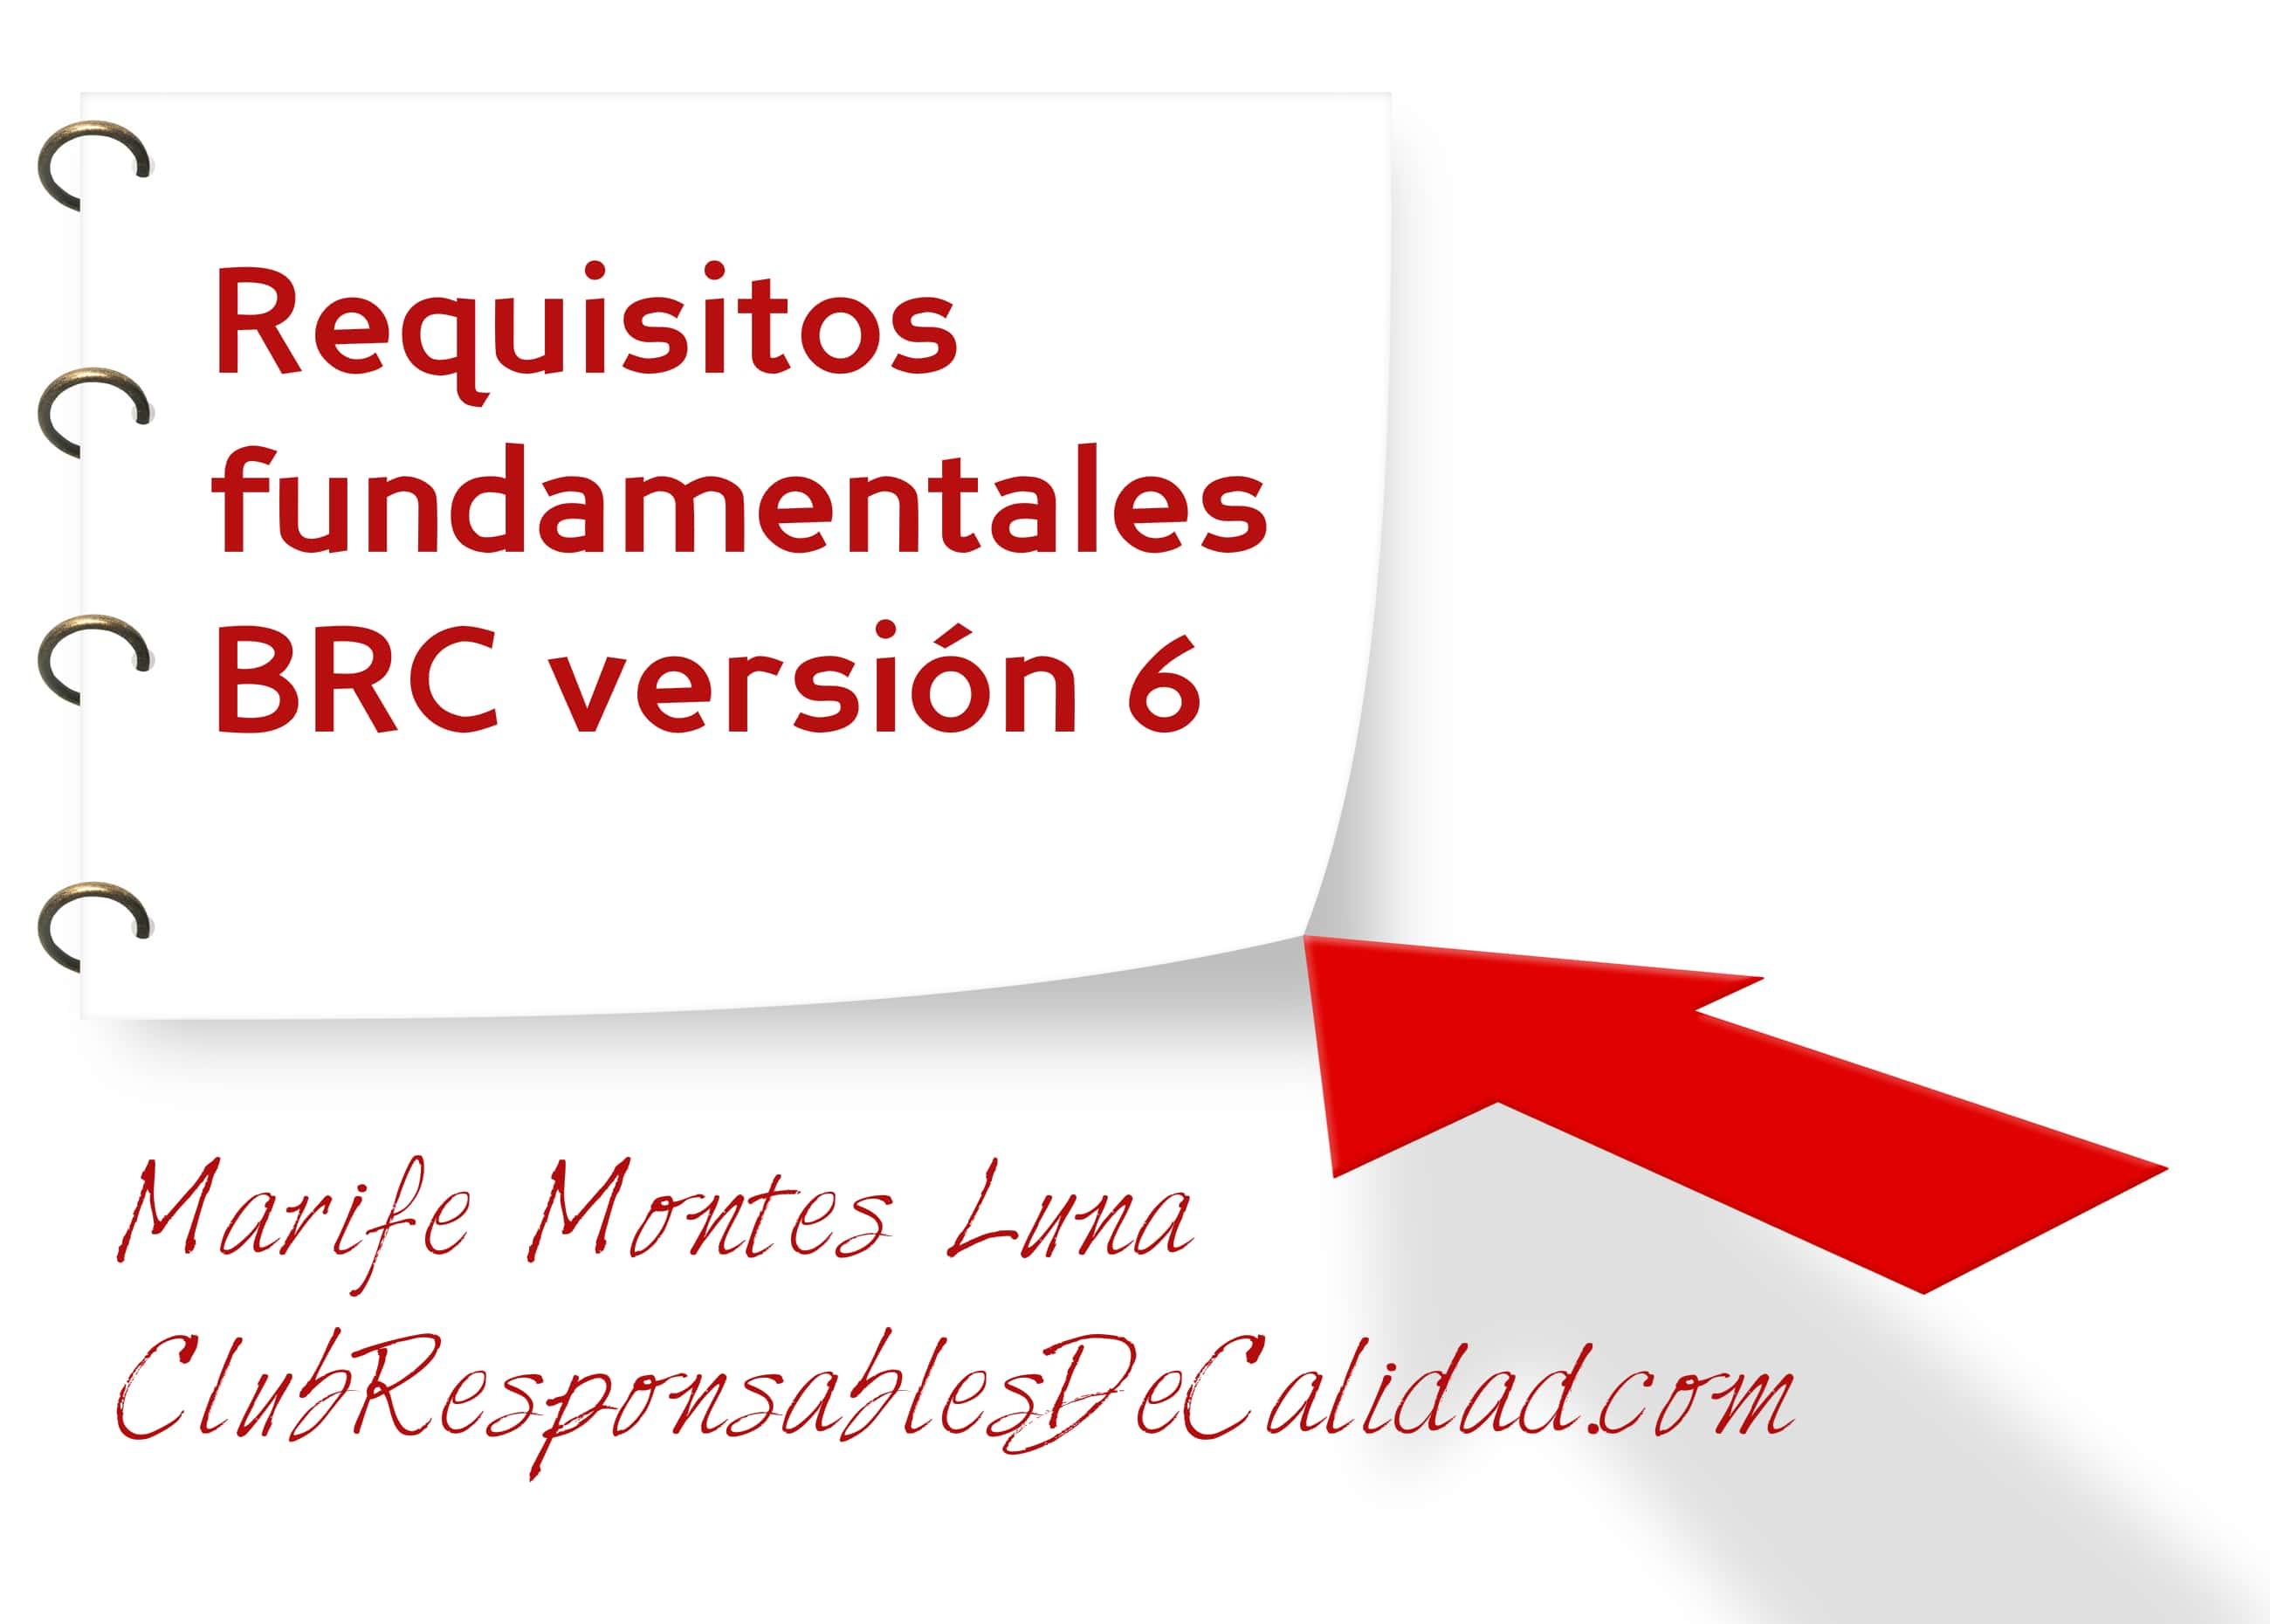 Requisitos fundamental BRC version 6